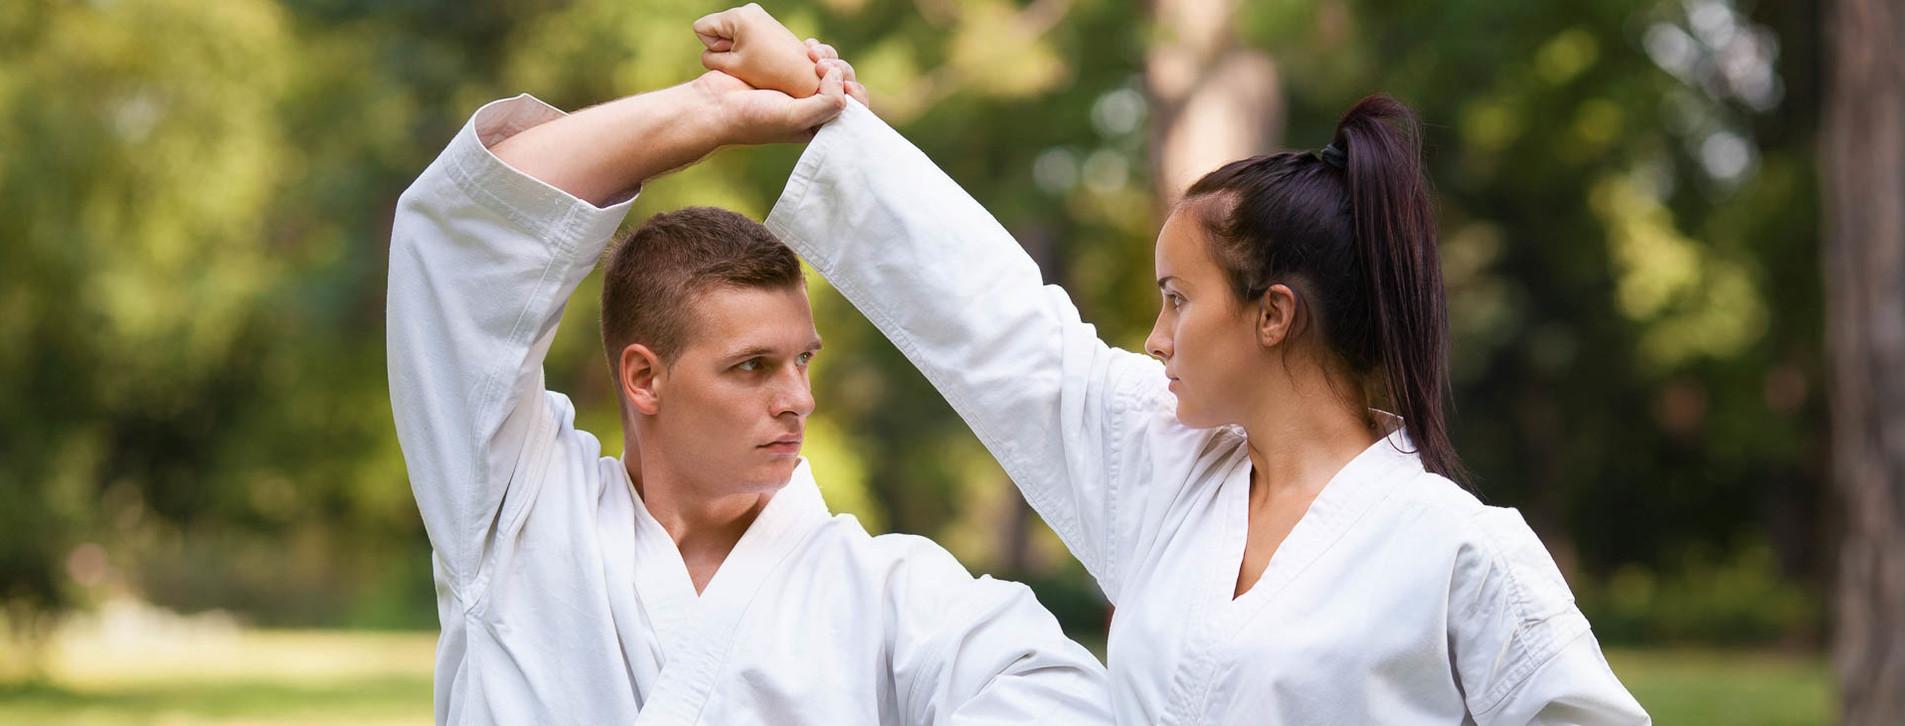 Фото 1 - Мастер-класс по дзюдо для двоих